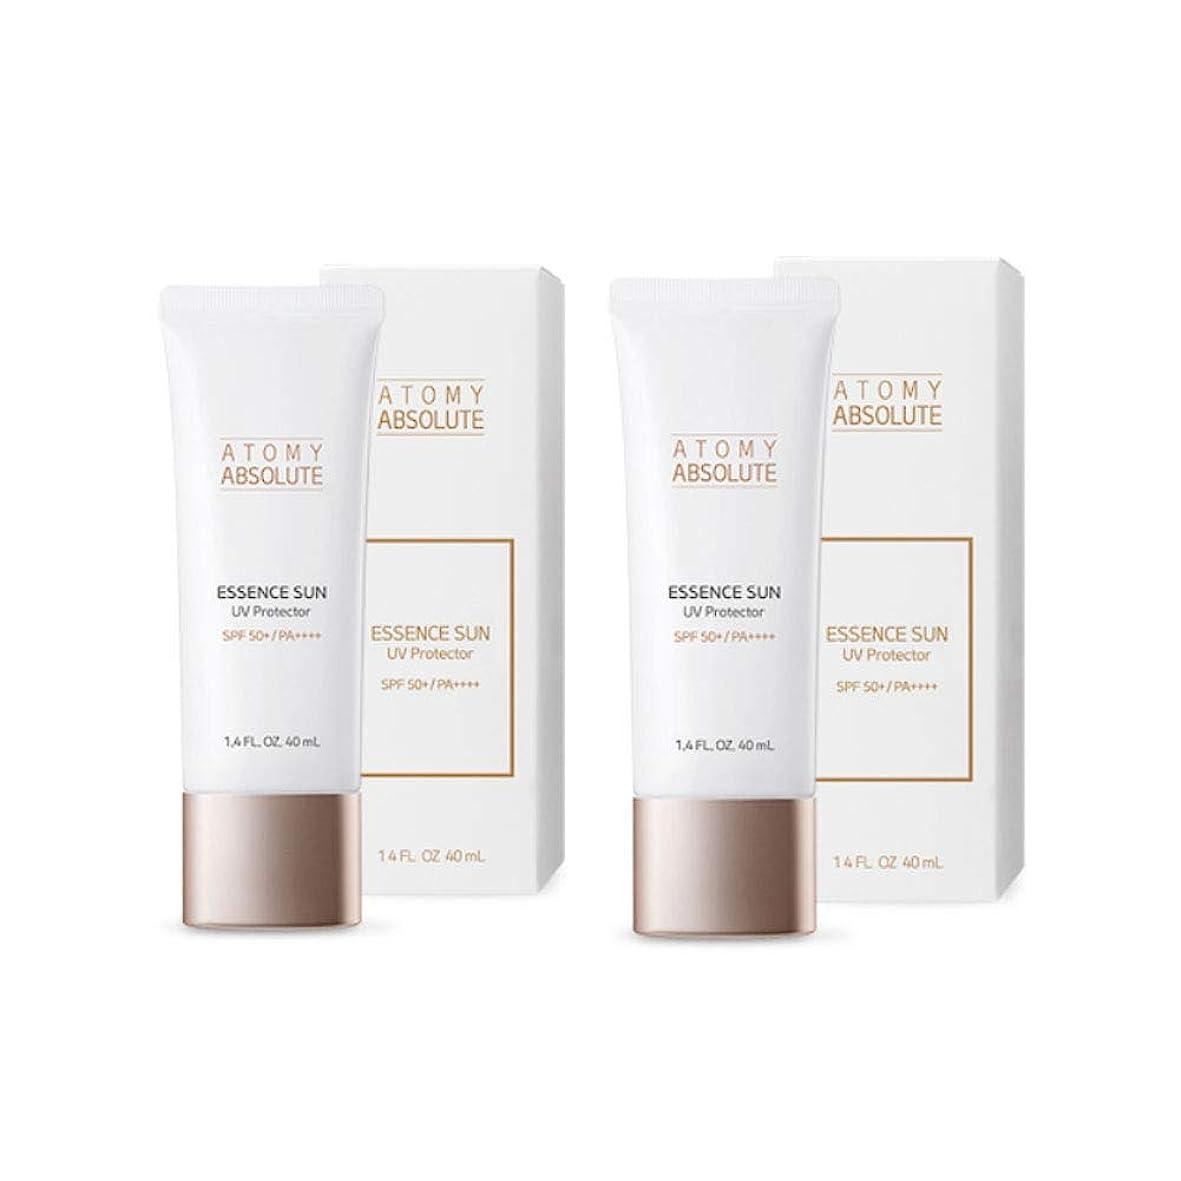 確認する洪水カセットアトミアブソリュートエッセンスサンUVプロテクター40mlx2本セットサンクリーム韓国コスメ、Atomy Absolute Essence Sun UV Protector 40ml x 2ea Set Sun Cream Korean Cosmetics [並行輸入品]